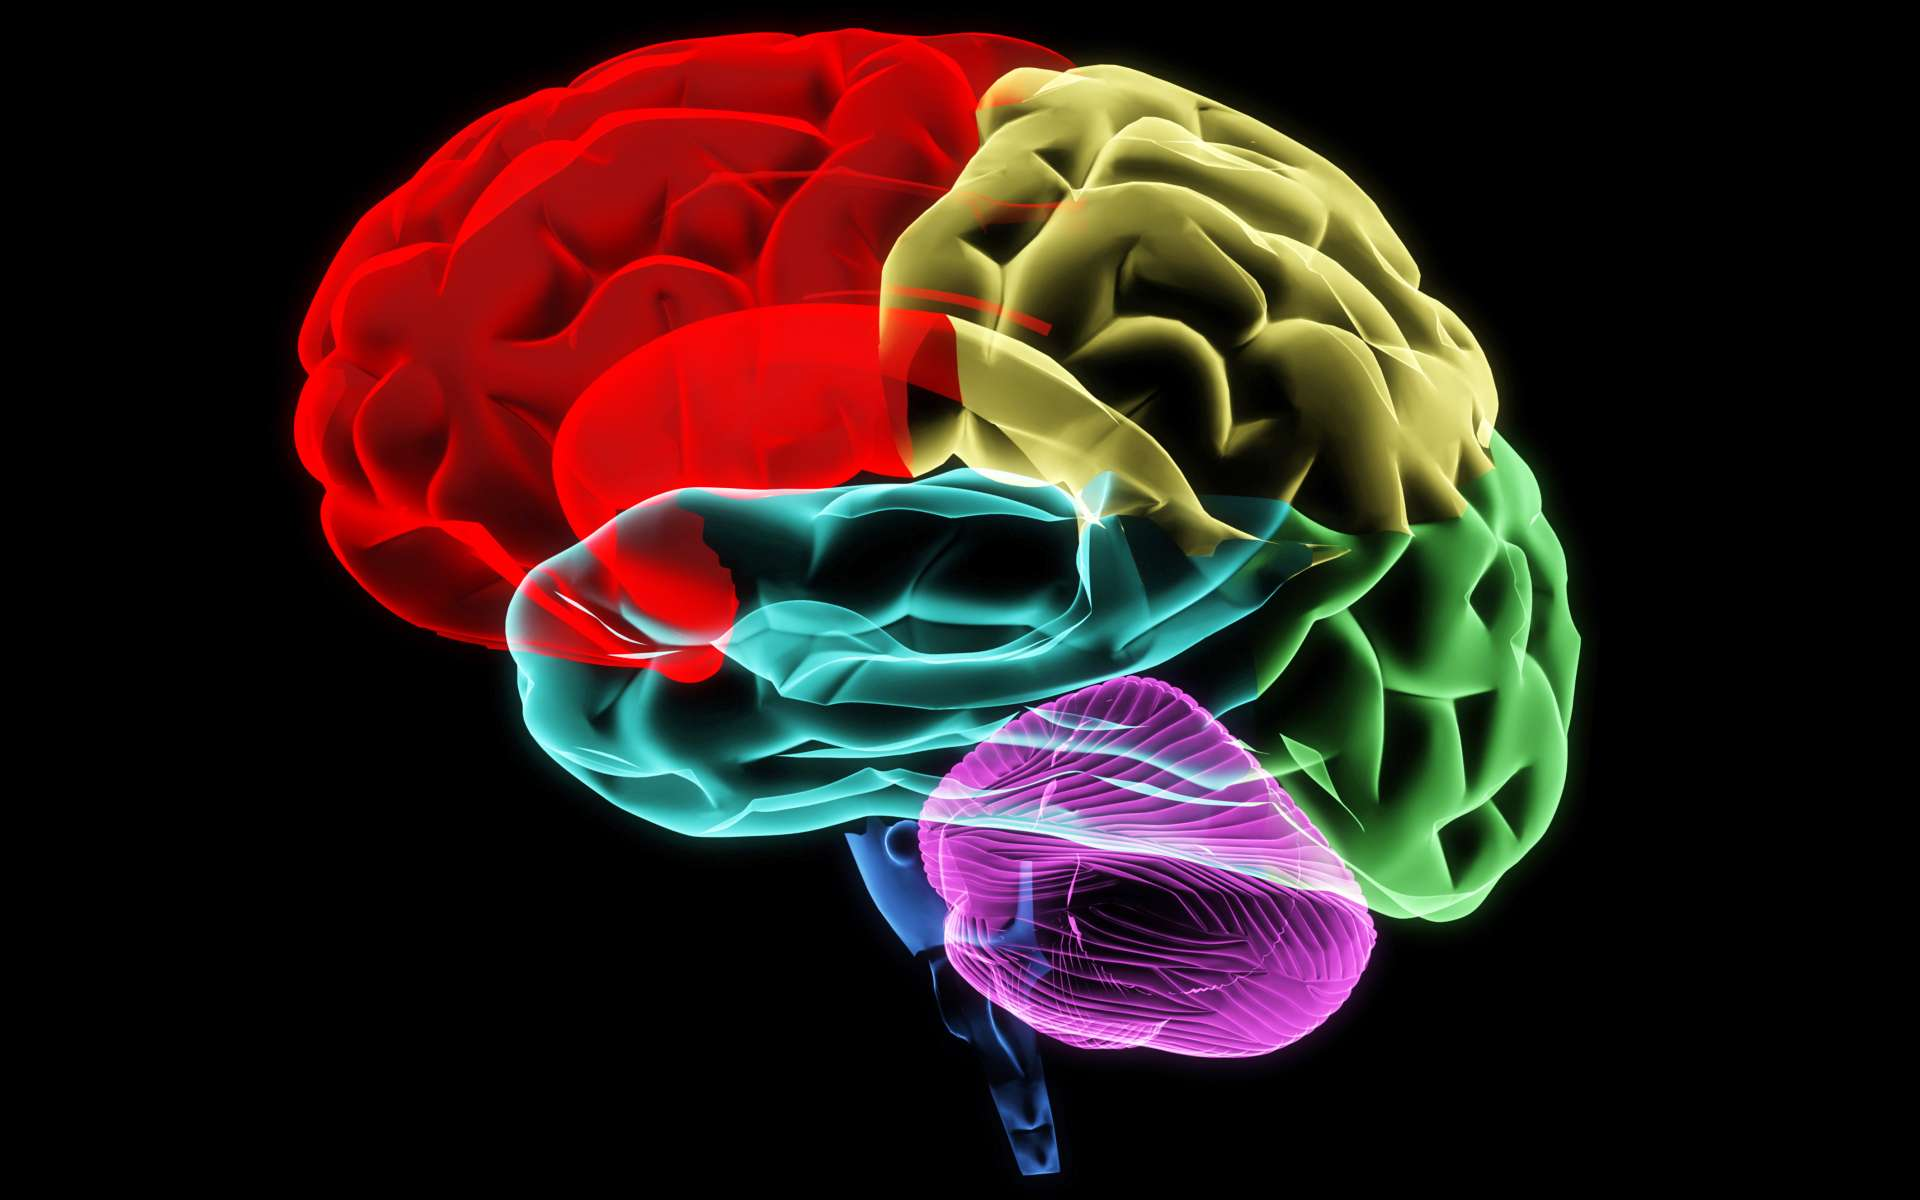 Les chercheurs ont créé des minicerveaux ressemblant à du cortex grâce à des cultures cellulaires en trois dimensions. © Neo Edmund, Shutterstock